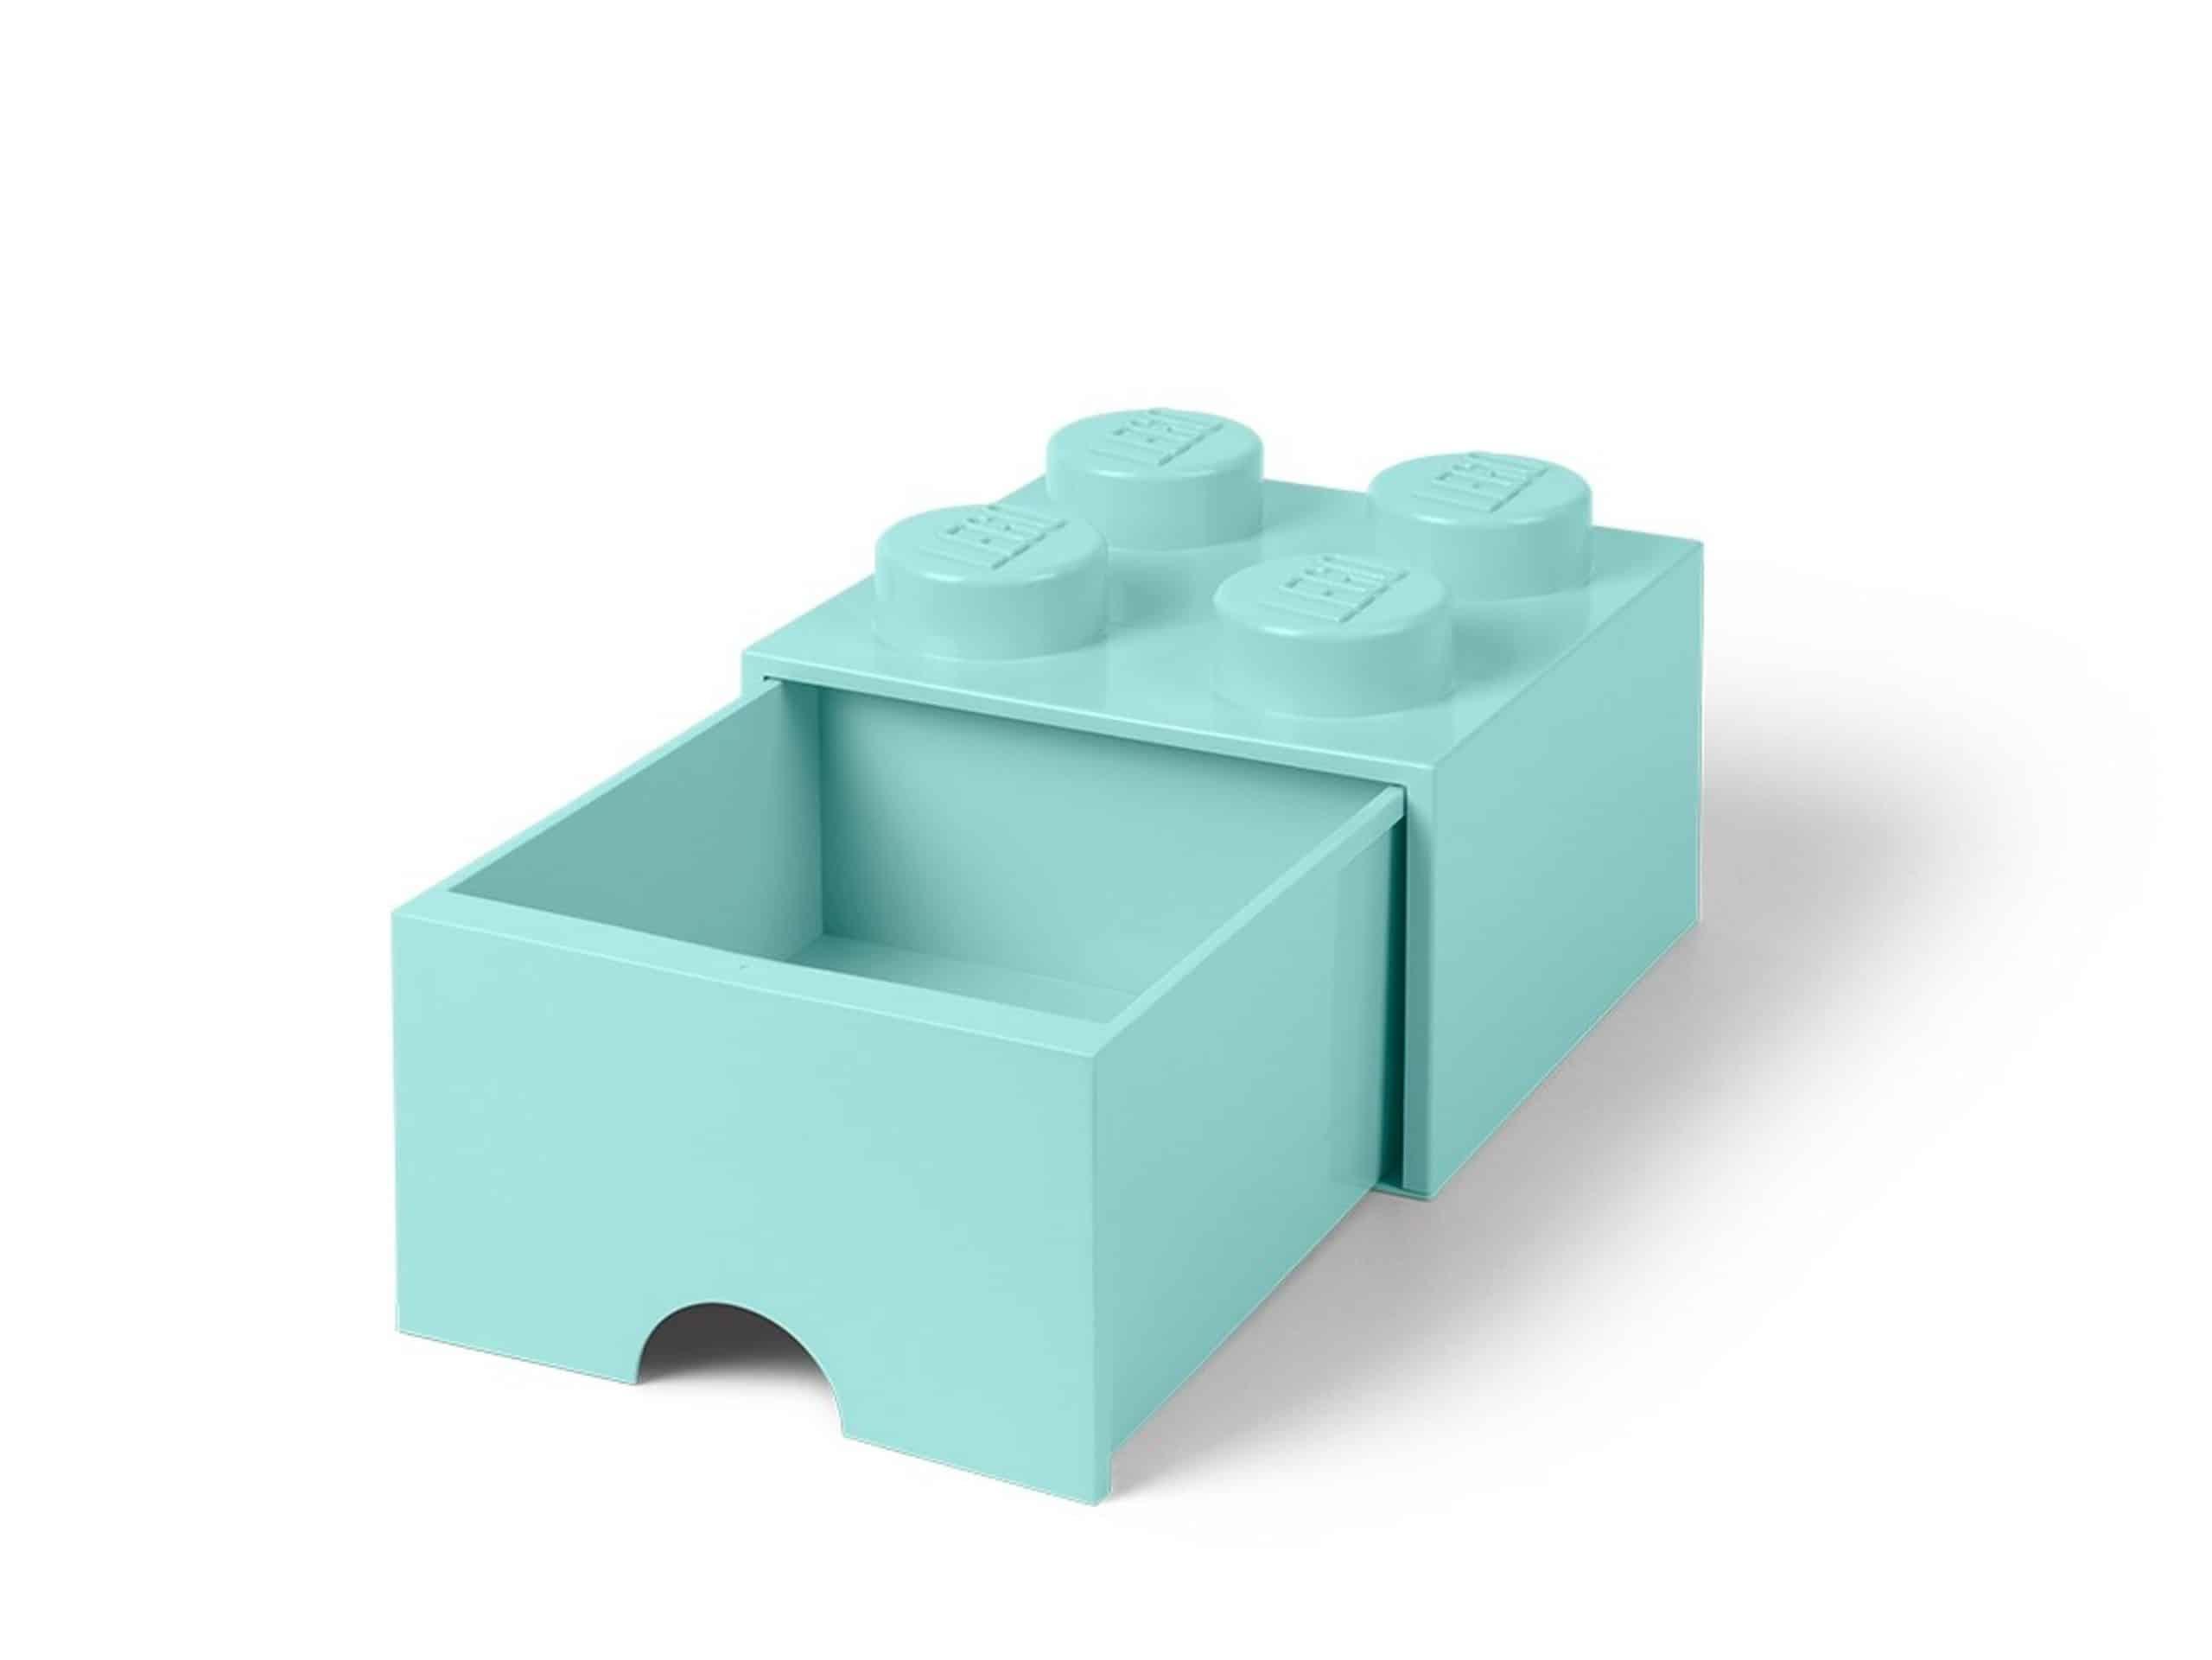 lego felazuurblauwe opslagsteen met 4 noppen en een lade 5005714 scaled